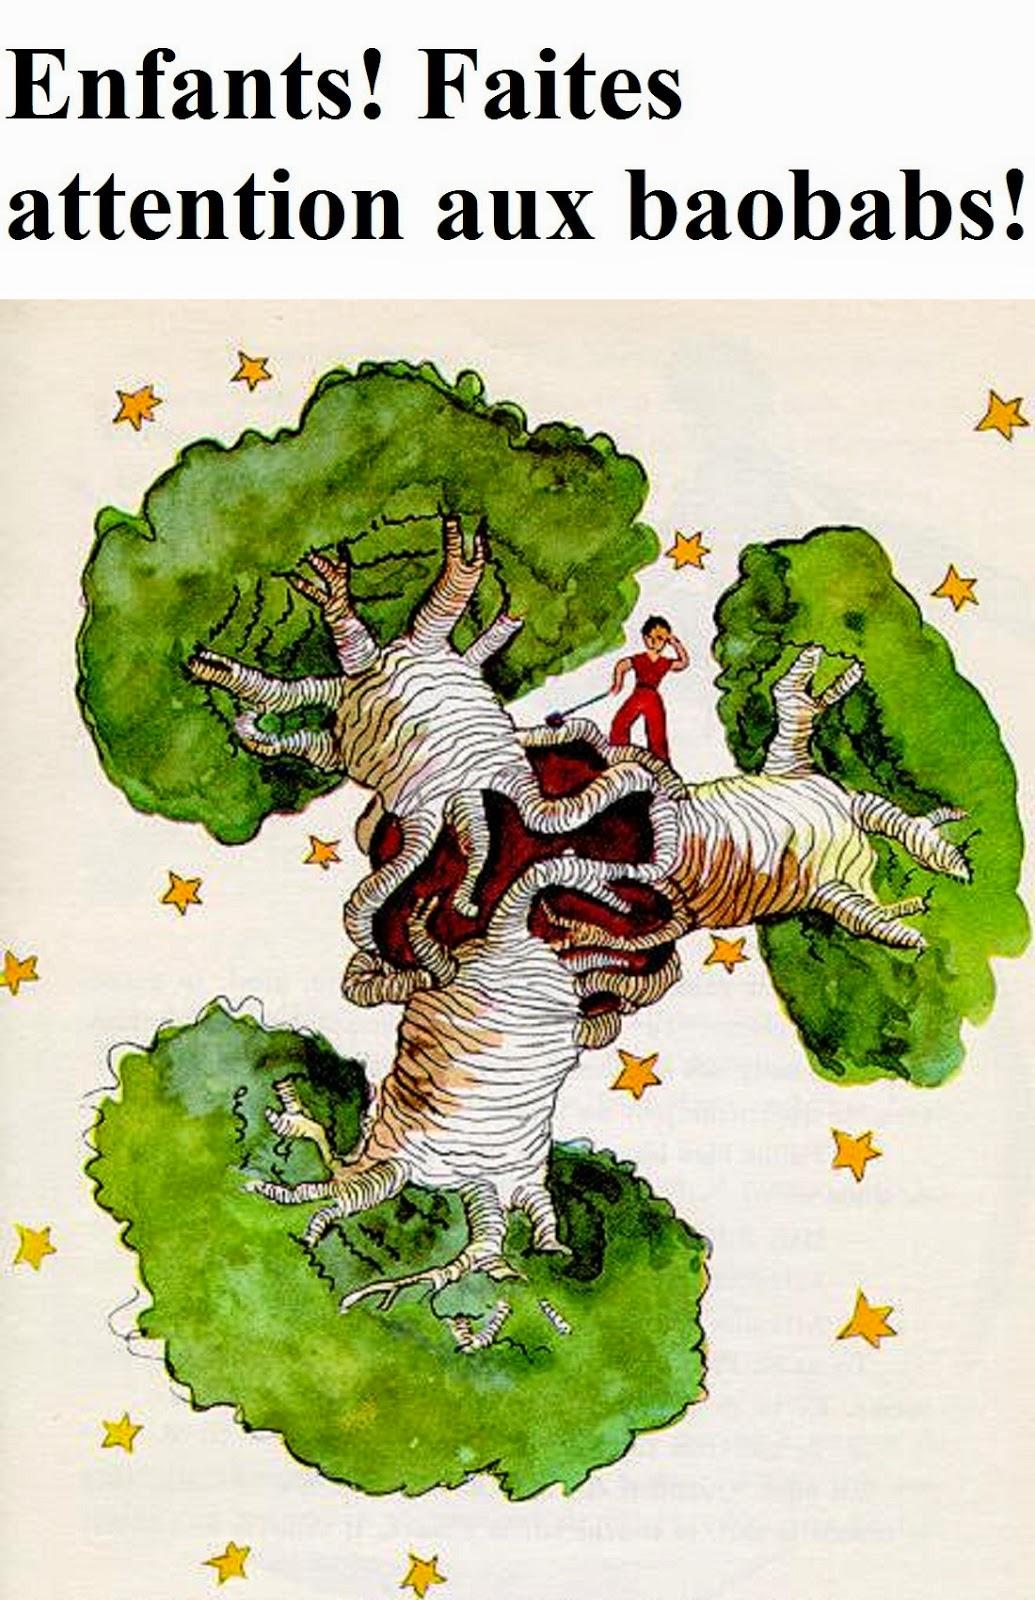 Antoine de Saint Exupery: Baobab.